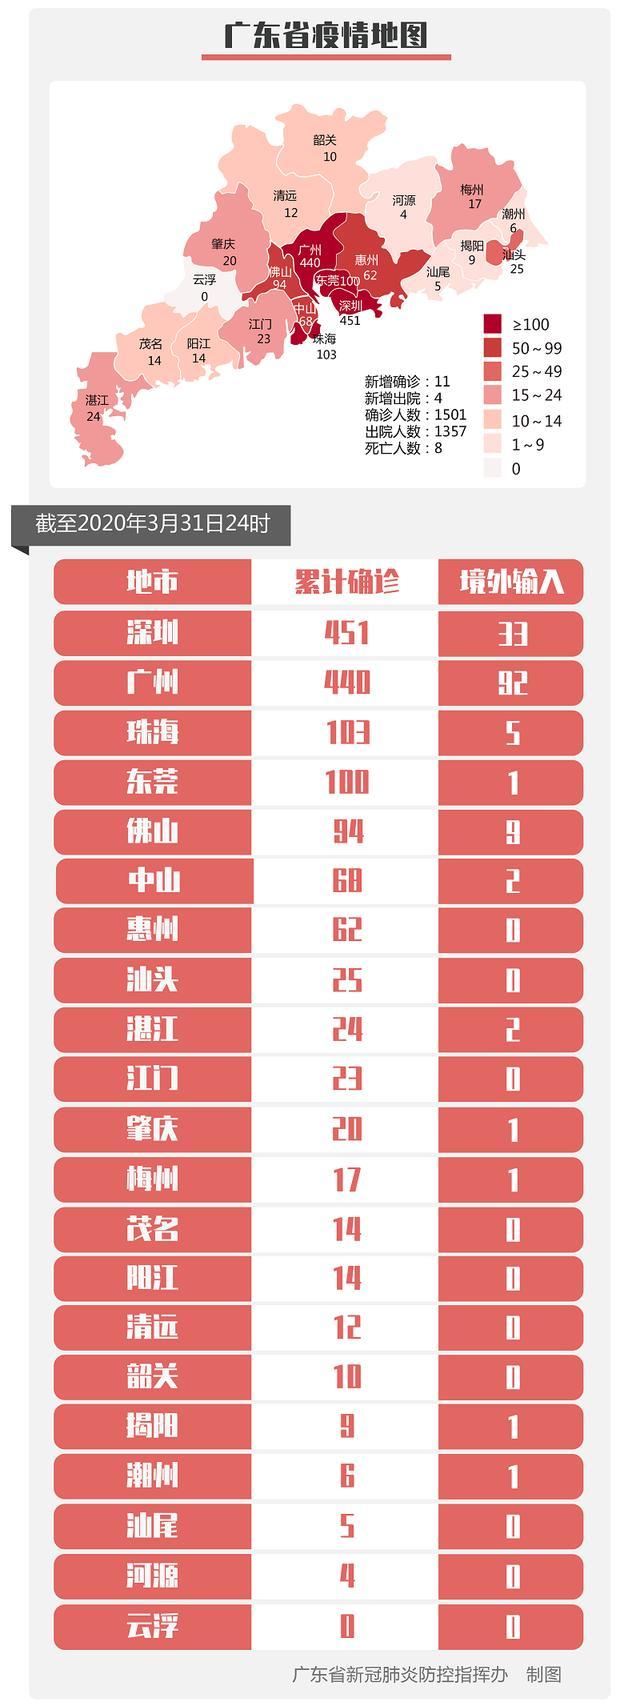 新增本土1例丨2020年4月1日广东省新冠肺炎疫情情况